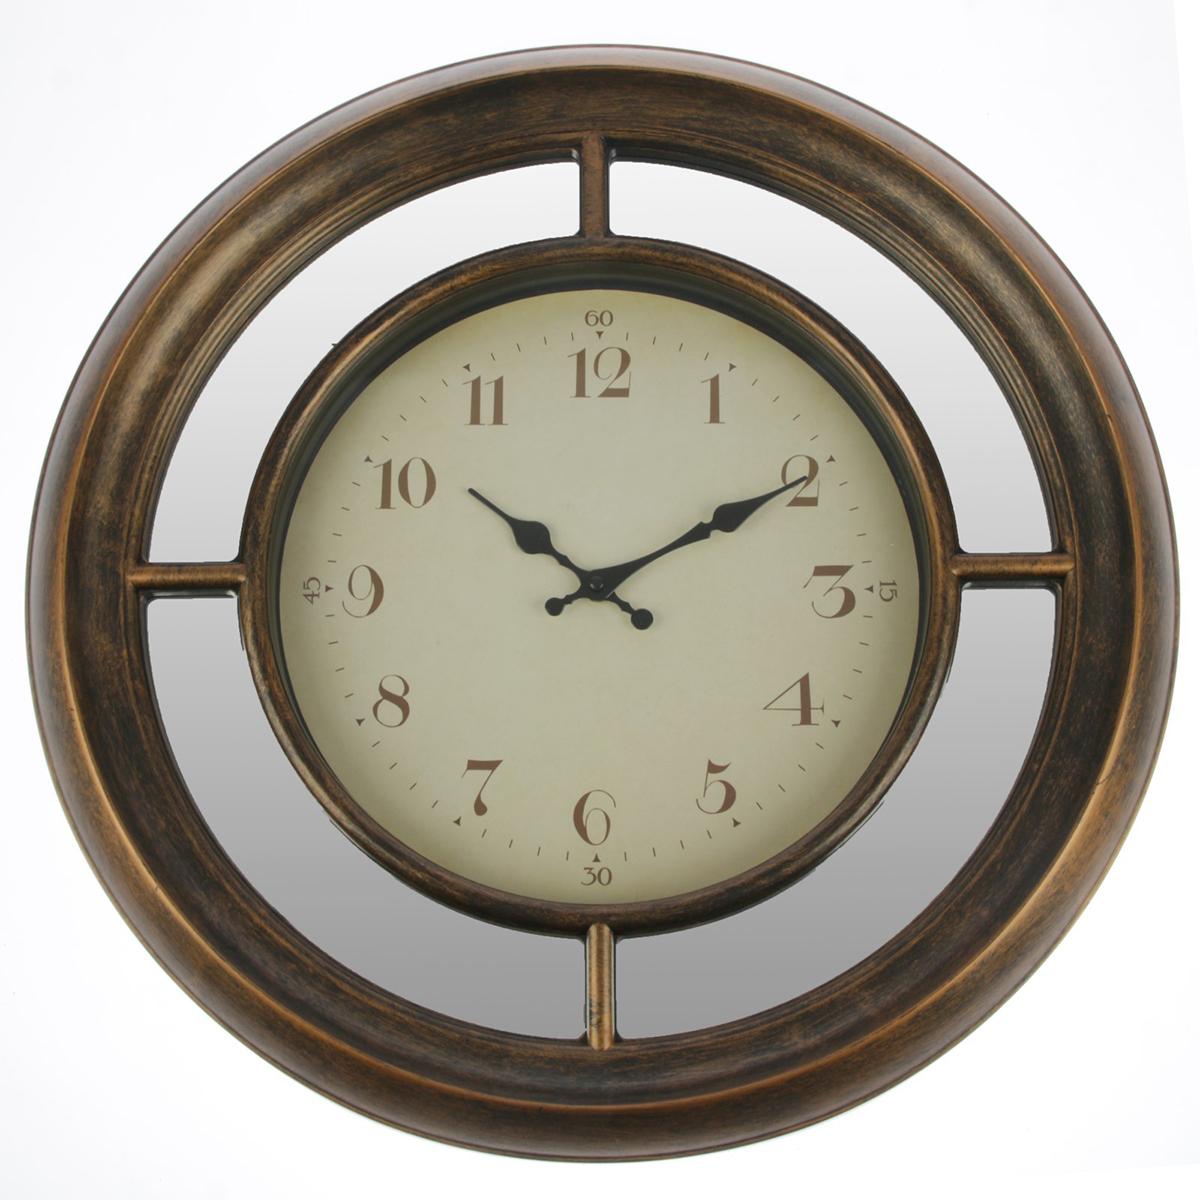 Часы настенные Зеркала, цвет: коричневый, диаметр 56 см. 27704722770472Каждому хозяину периодически приходит мысль обновить свою квартиру, сделать ремонт, перестановку или кардинально поменять внешний вид каждой комнаты. — привлекательная деталь, которая поможет воплотить вашу интерьерную идею, создать неповторимую атмосферу в вашем доме. Окружите себя приятными мелочами, пусть они радуют глаз и дарят гармонию.Часы настенные. серия Зеркала, круг, зеркало по ободу, цифер-т выцветший, цвет корич, d=56см 27704